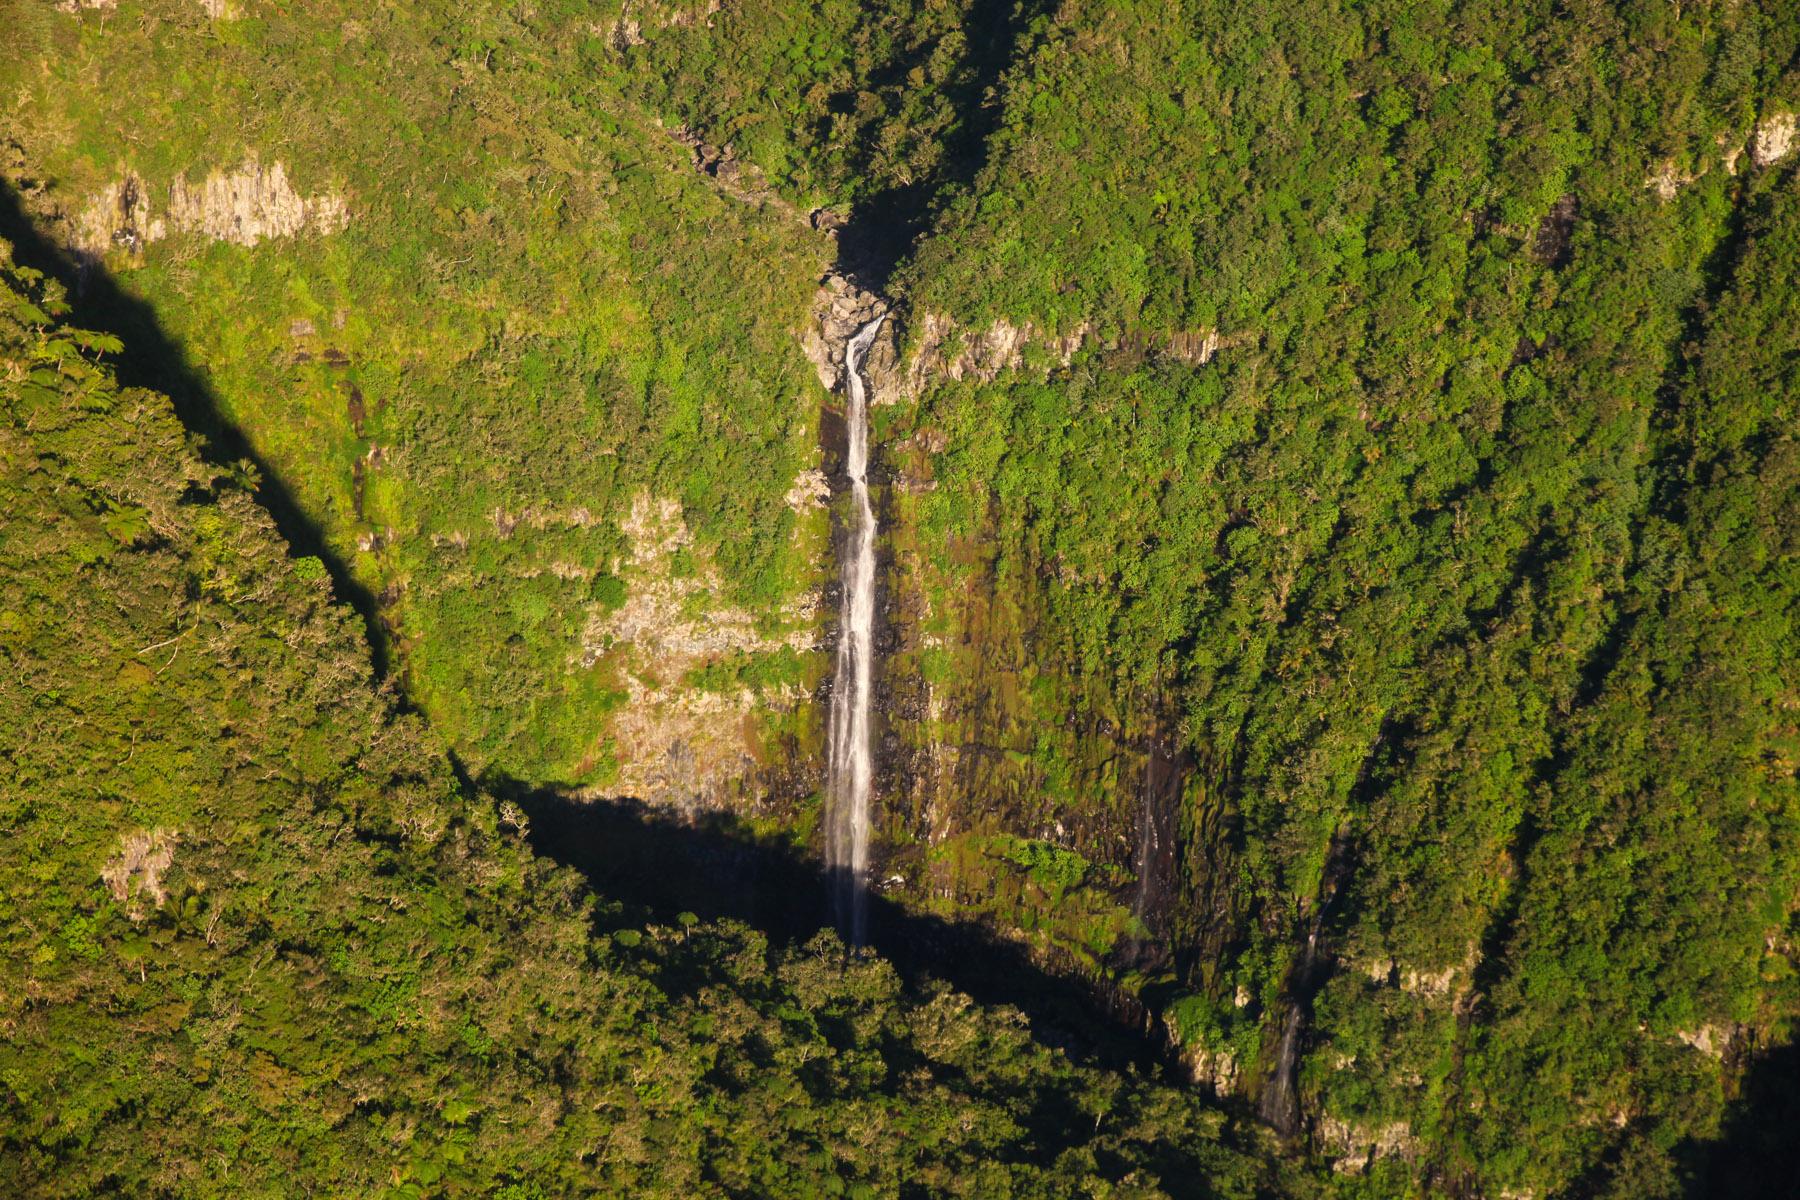 Wasserfälle und Regenwald - La Réunion erinnert an eine Jurassic Park Szene.